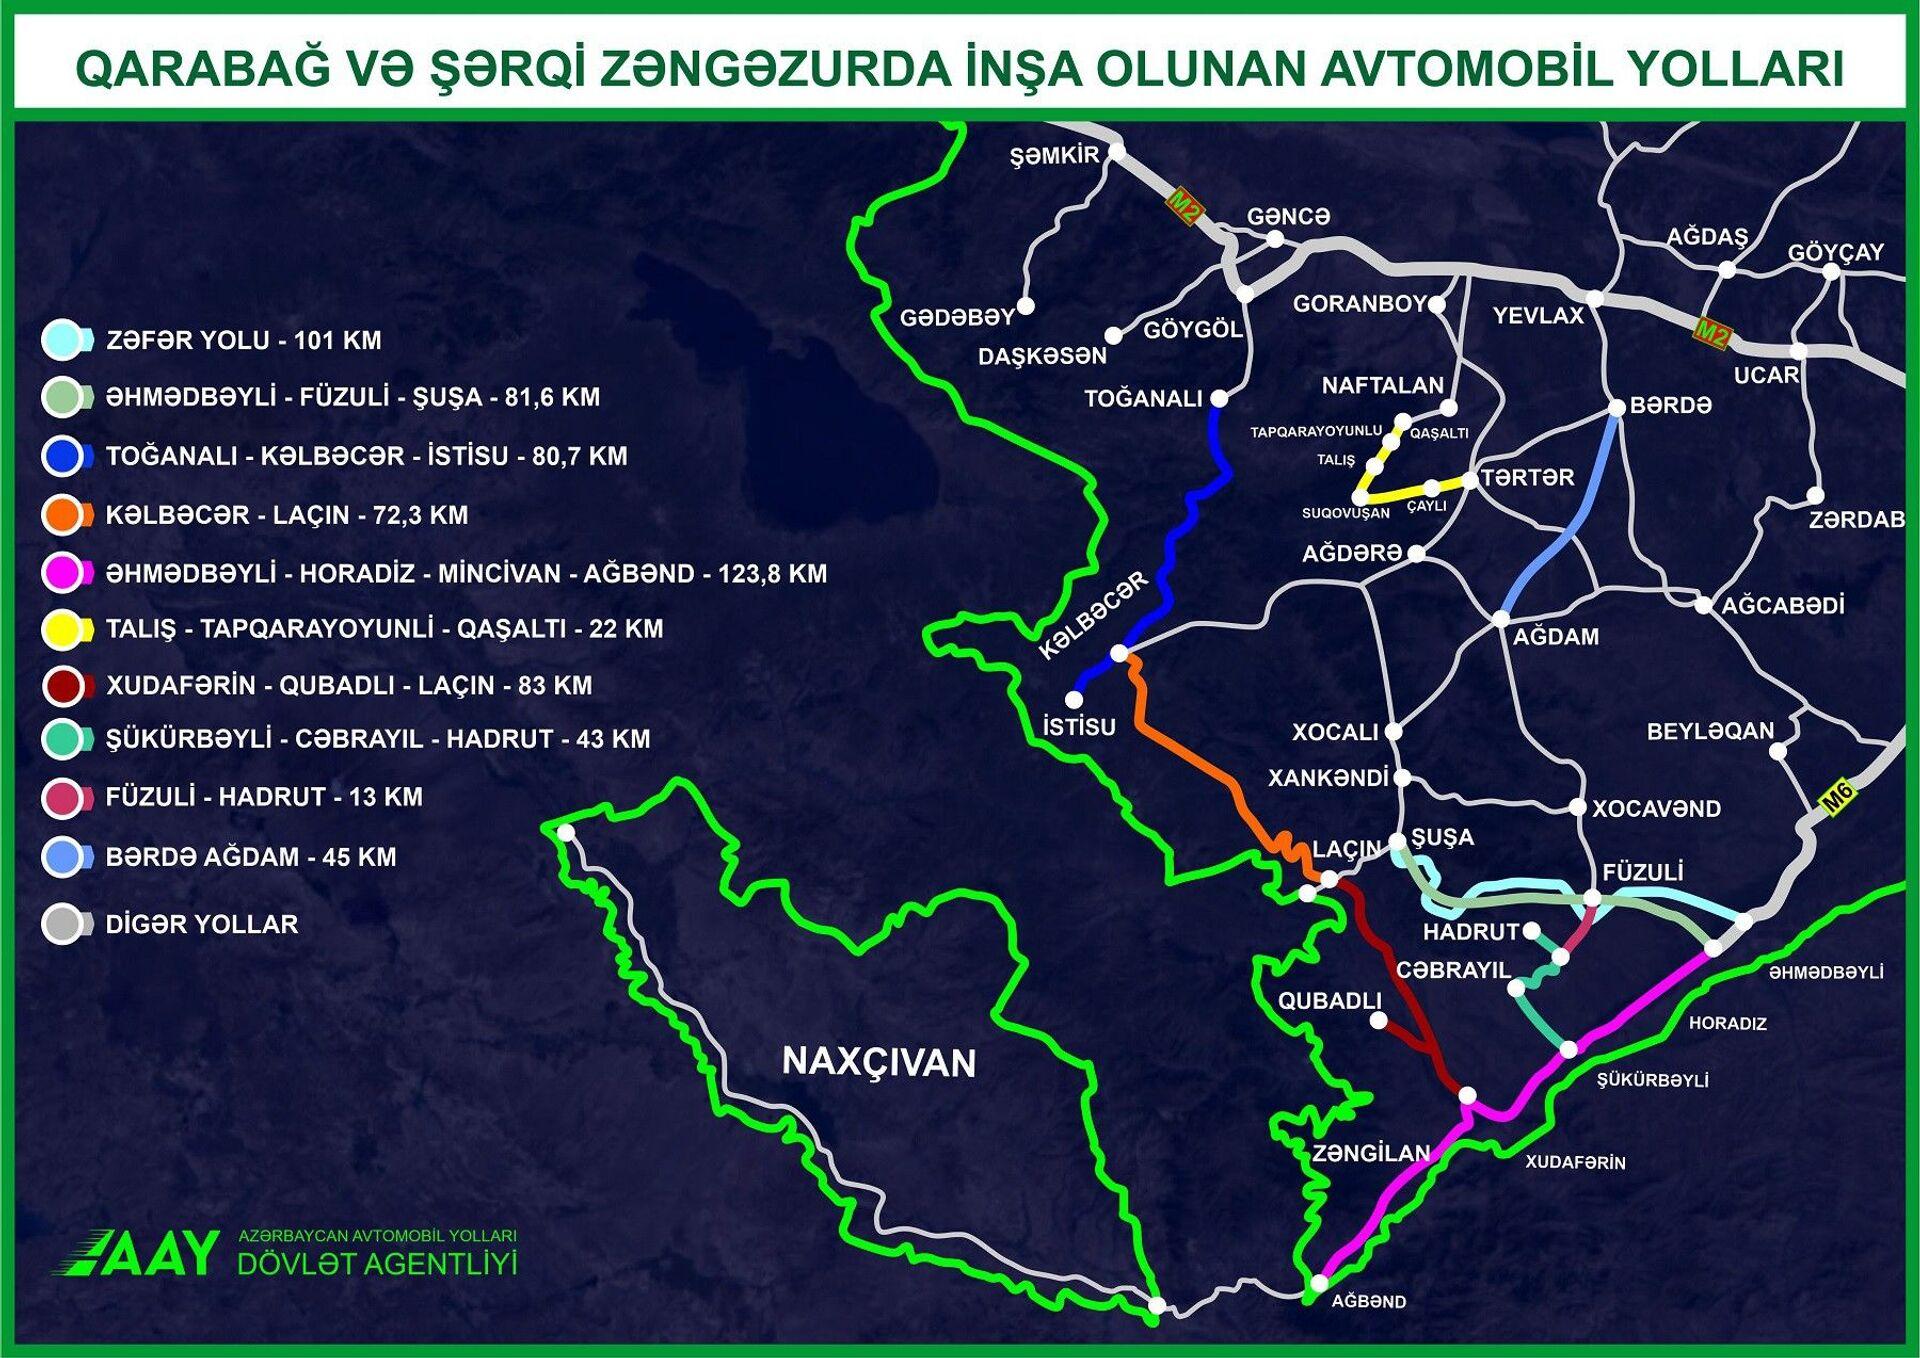 Qarabağ və Şərqi Zəngəzurda inşa olunan avtomobil yollarının xəritəsi - Sputnik Азербайджан, 1920, 01.10.2021